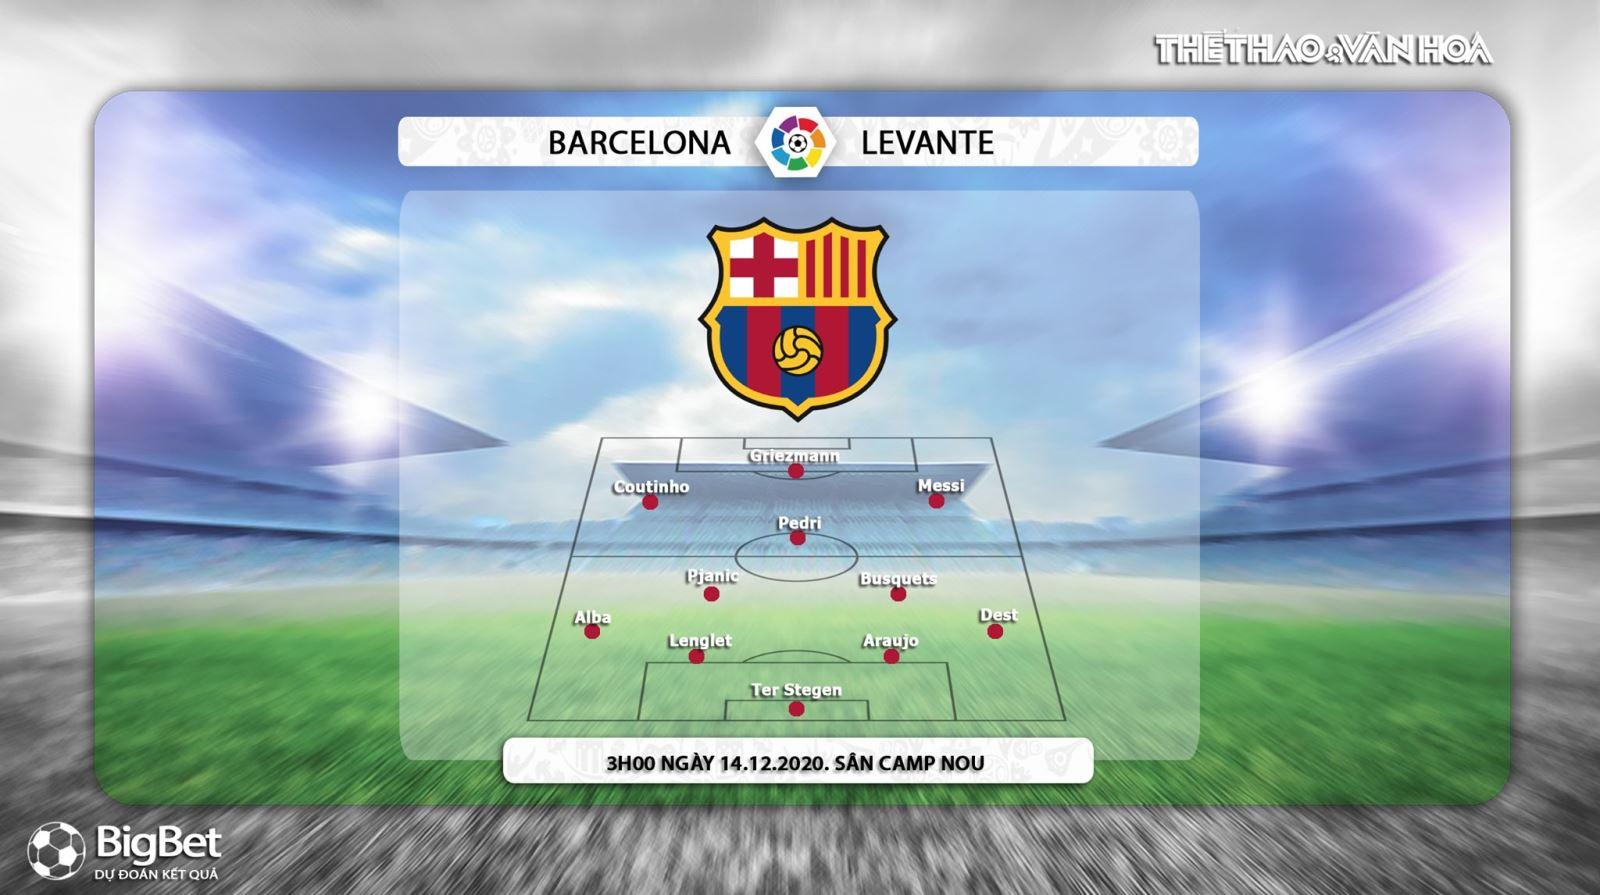 Keo nha cai, Kèo nhà cái, Barcelona vs Levante, Trực tiếp bóng đá, BĐTV, La Liga vòng 13, soi kèo Barcelona vs Levante, trực tiếp bóng đá, kèo Barcelona, kèo Levante